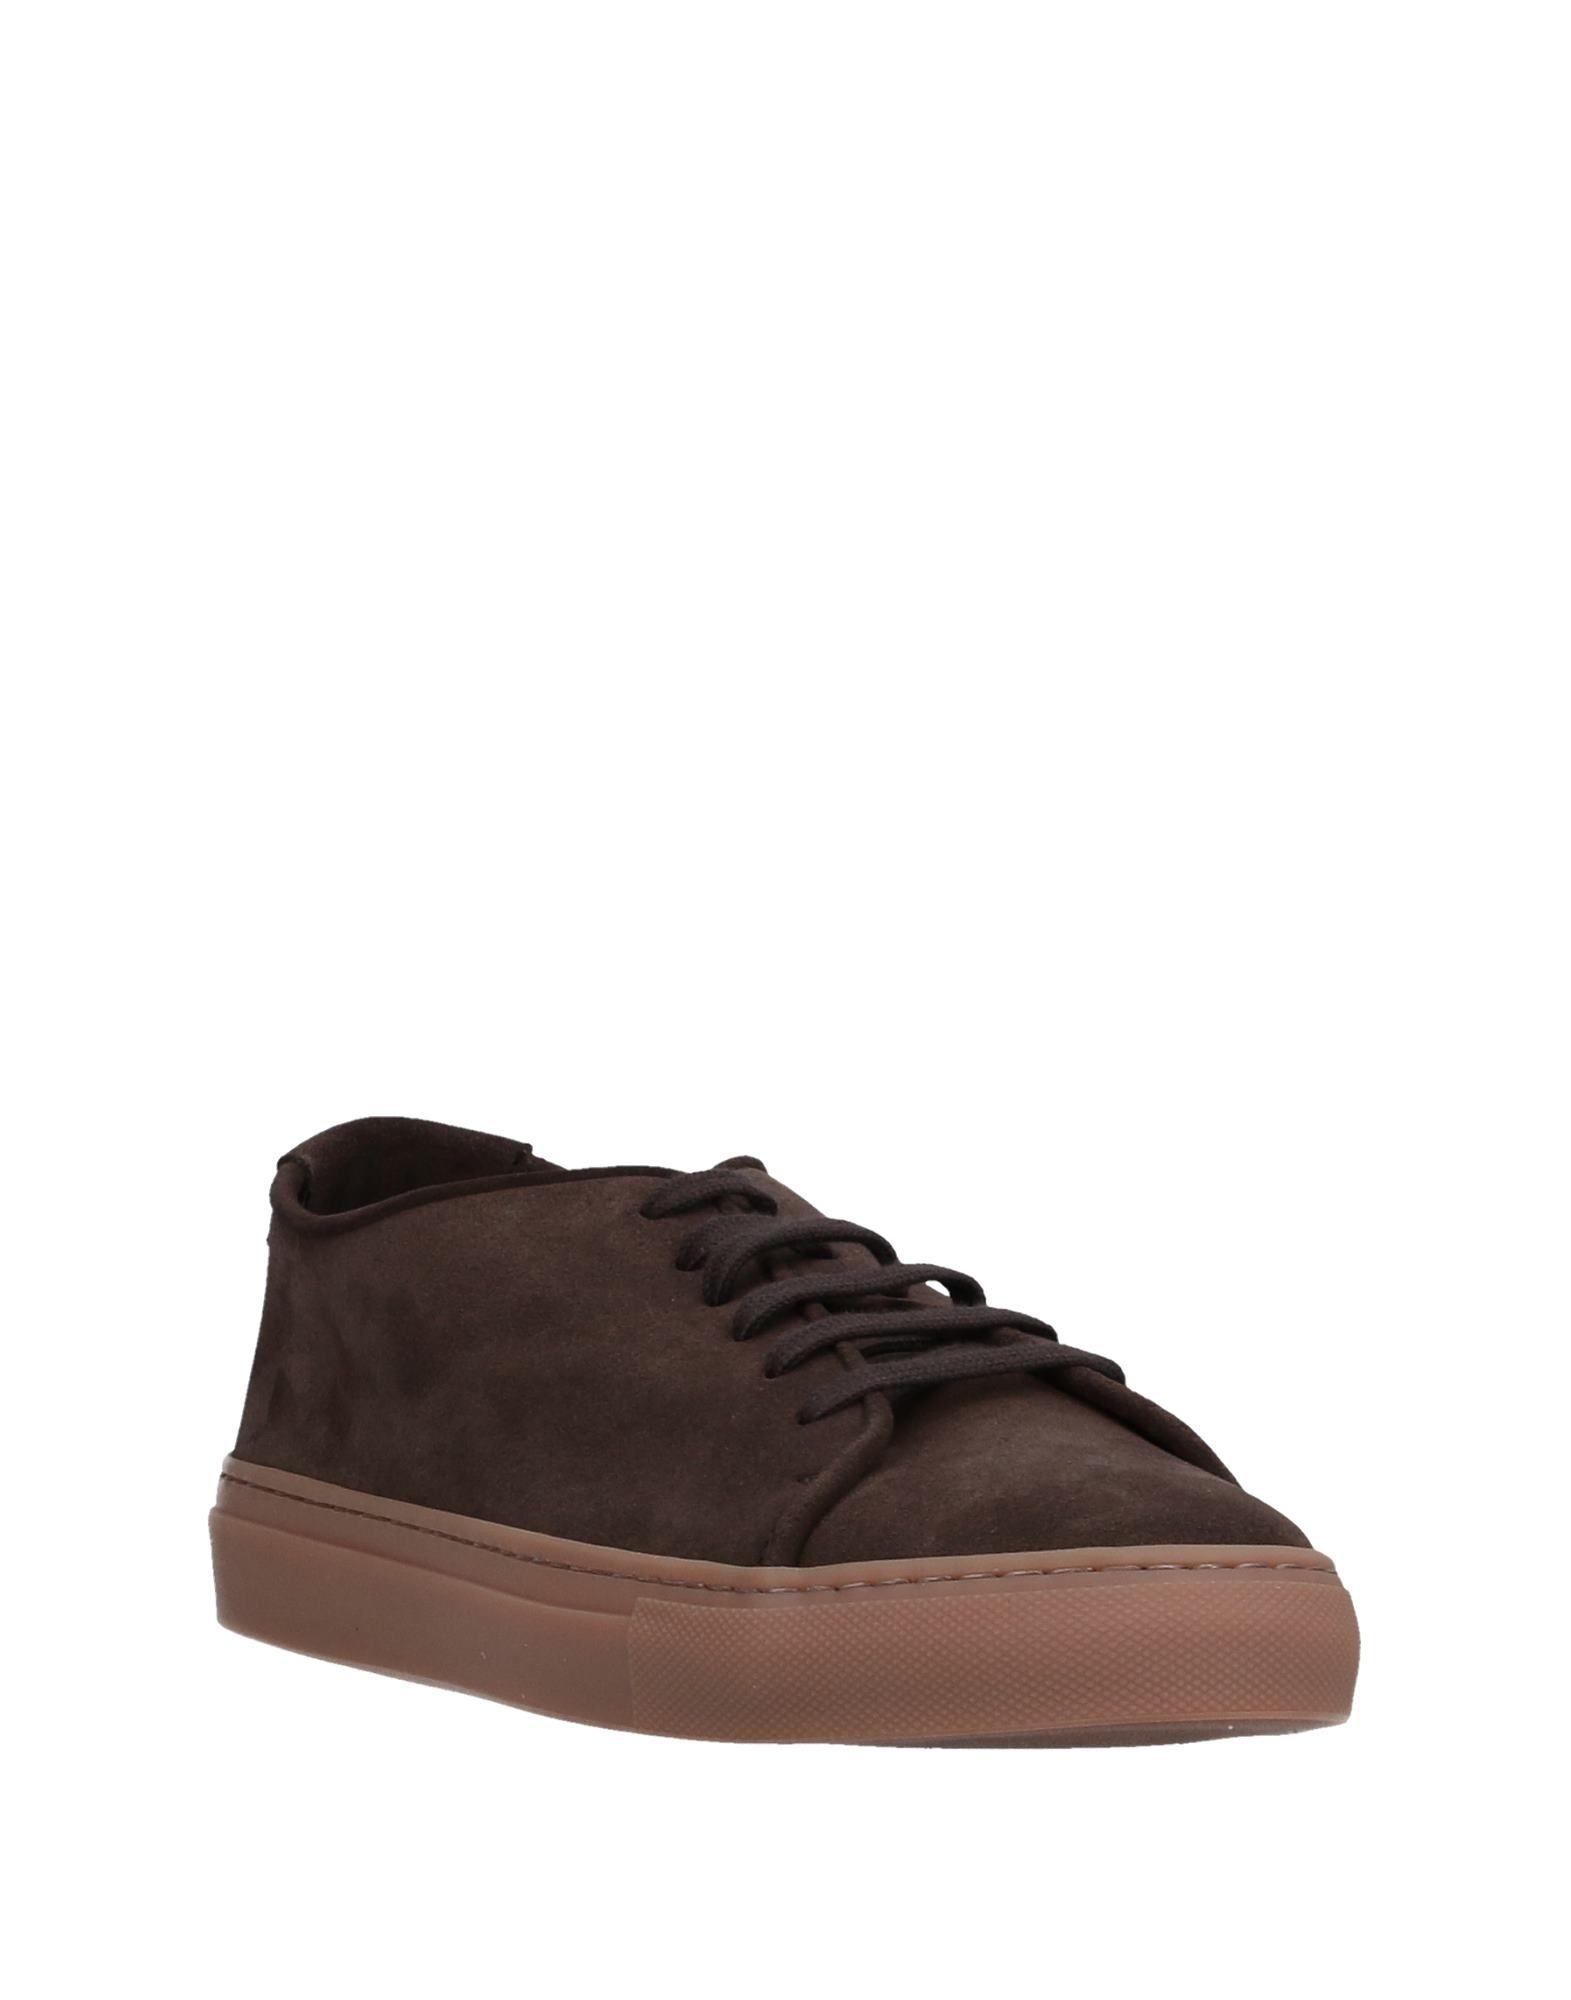 Rabatt echte Schuhe Fabiano Ricci Sneakers Herren  11508932KX